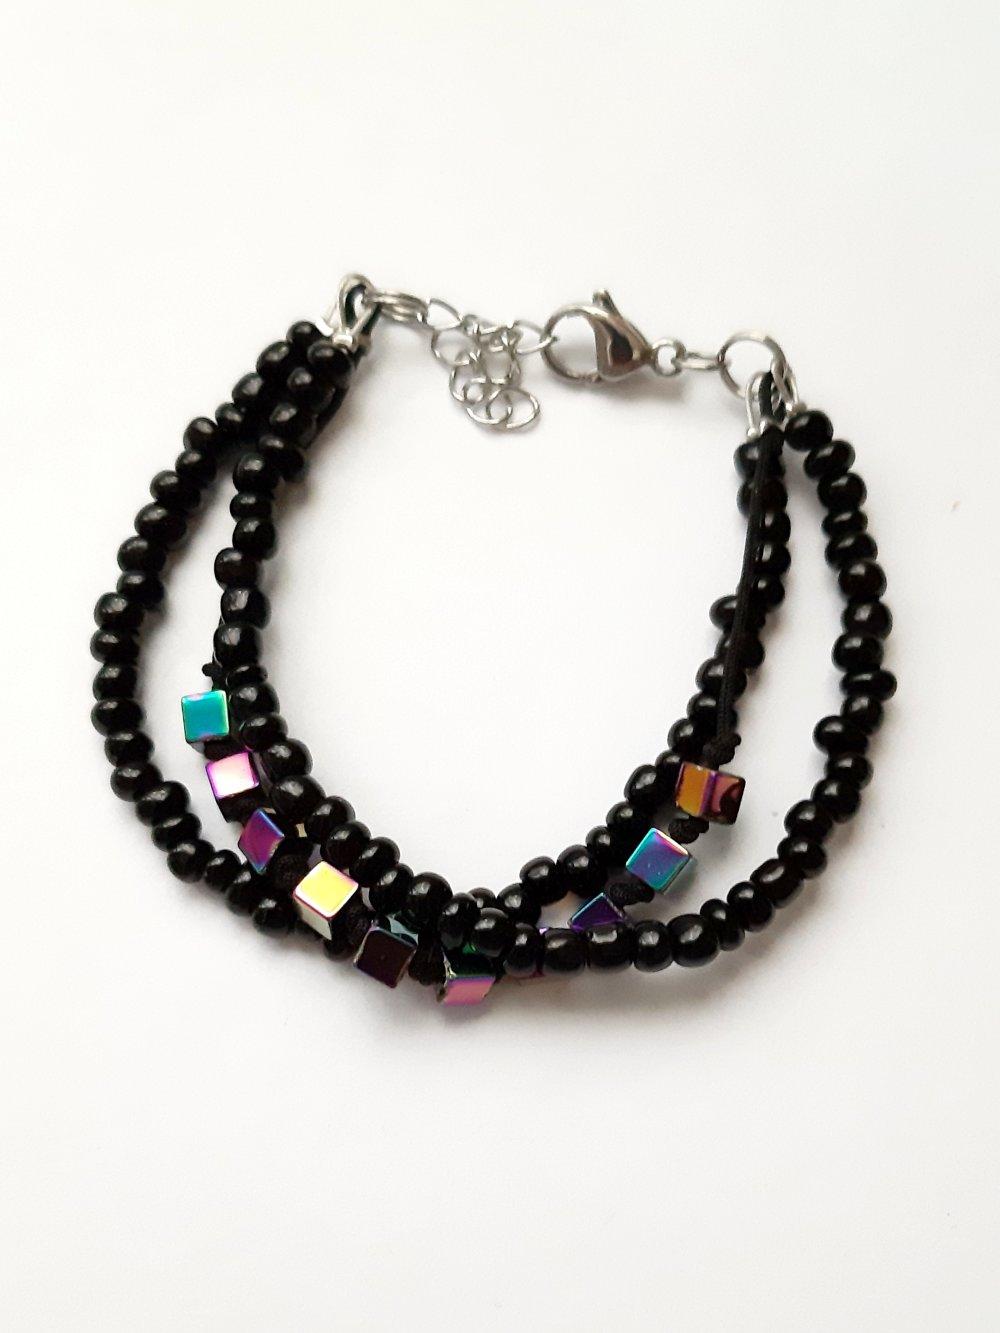 Bracelet Perles De Rocaille Modele Fantaisie Femme Un Grand Marche